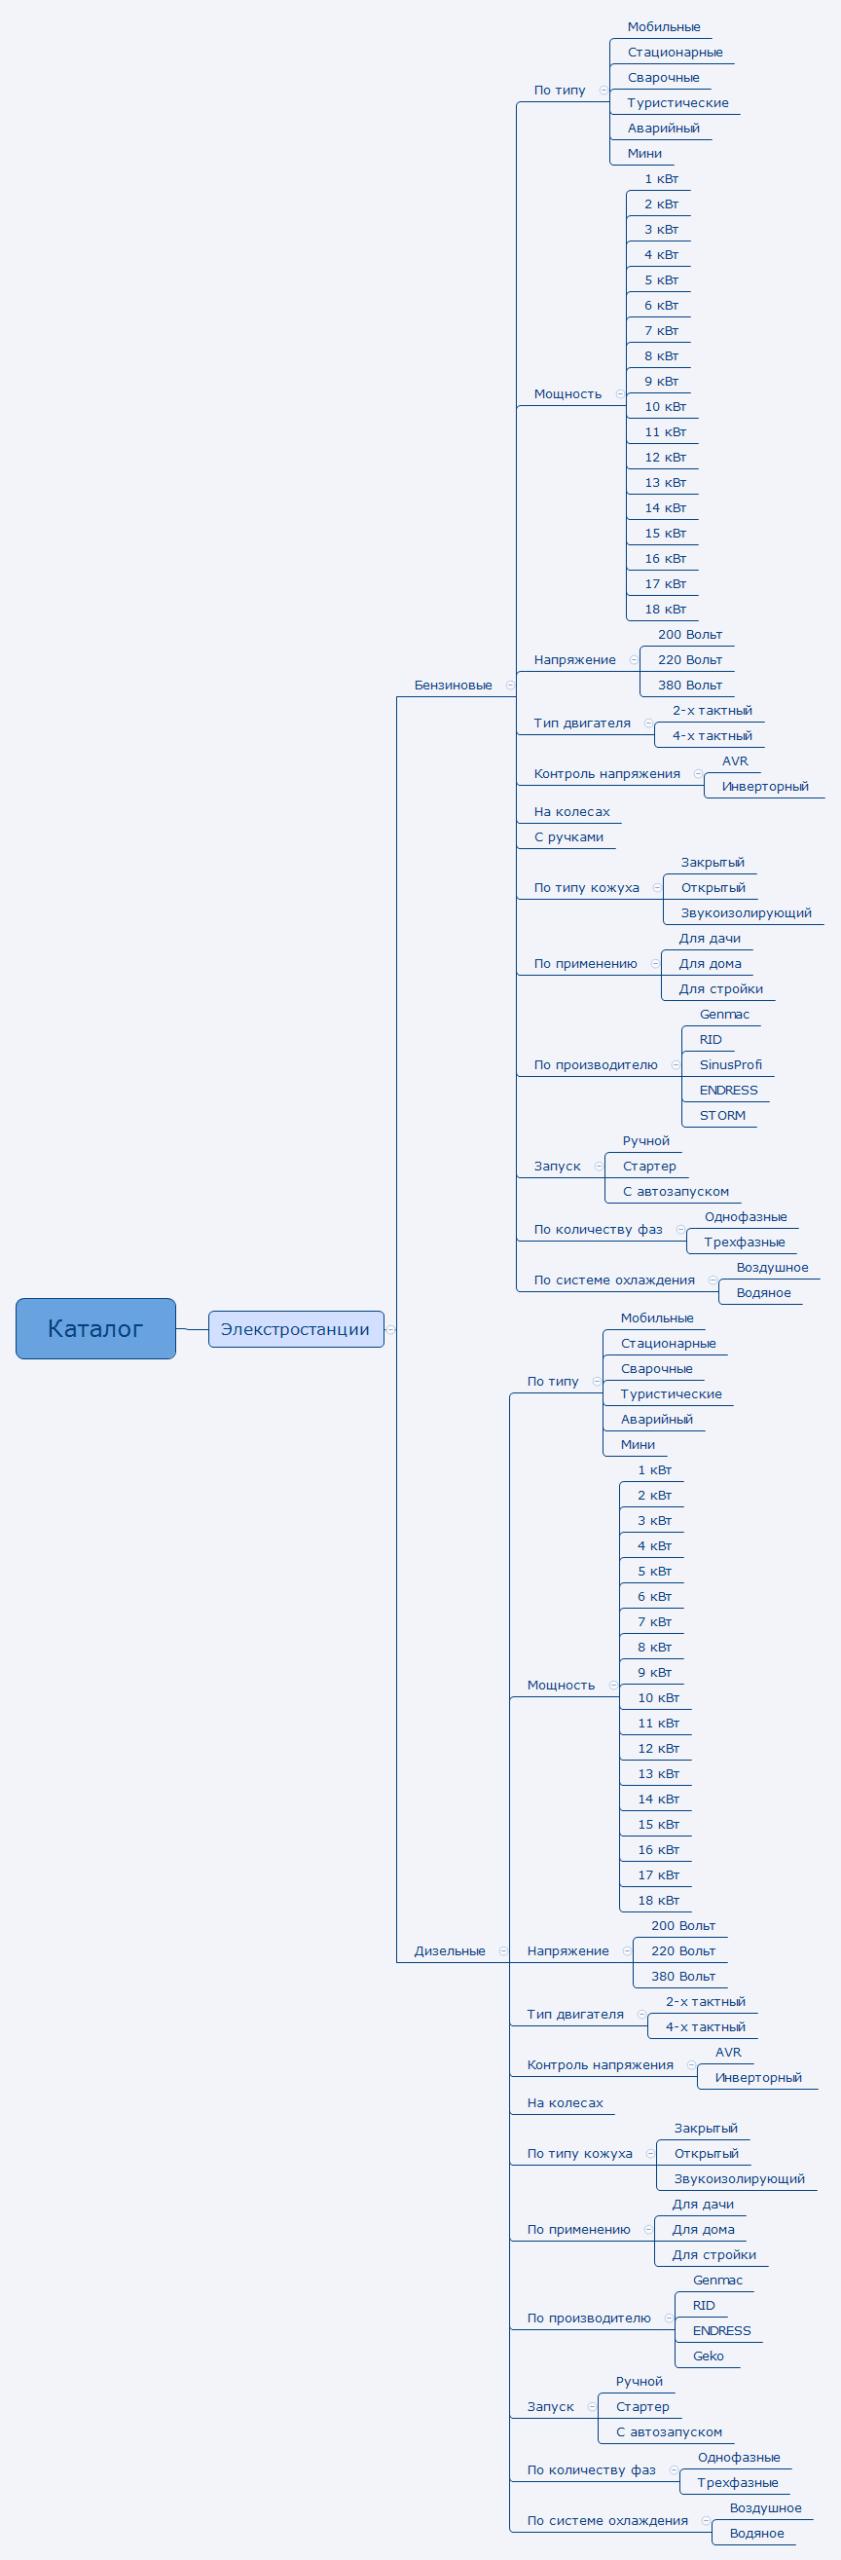 Пример новой структуры сайта